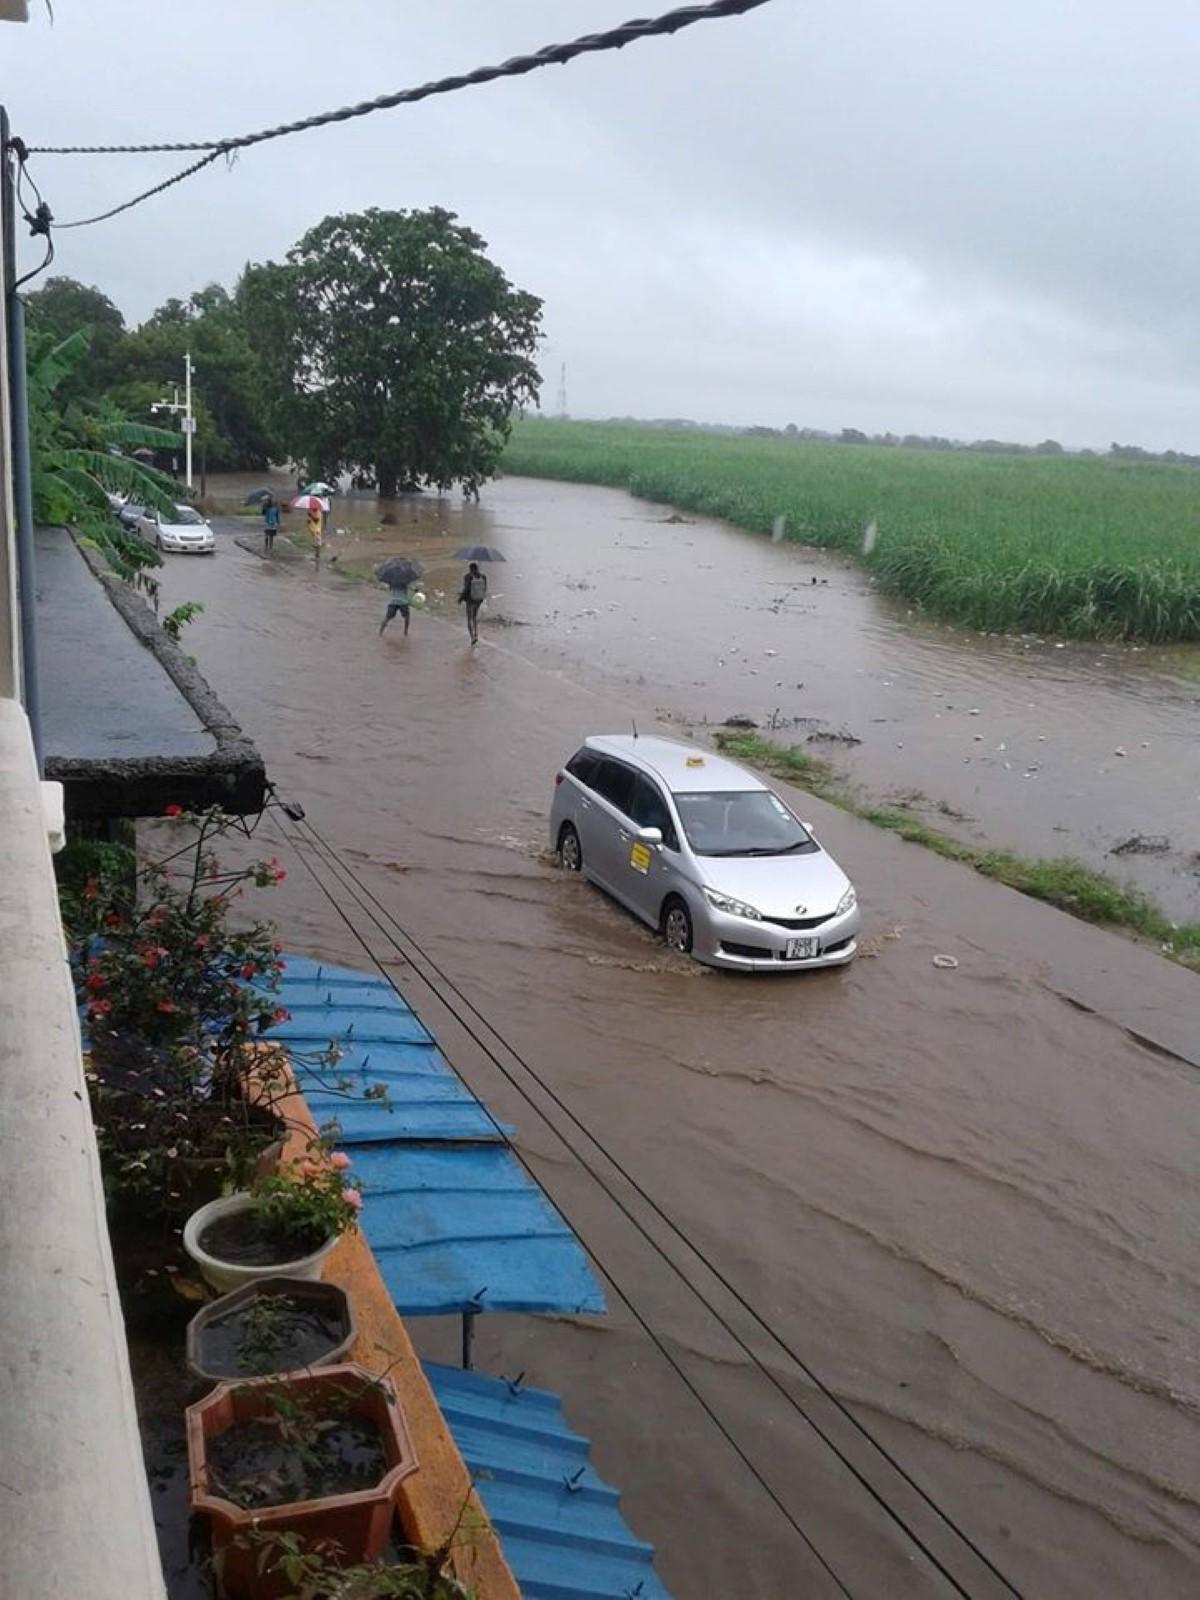 Mauvais temps : Le pont Argy impraticable et inondé